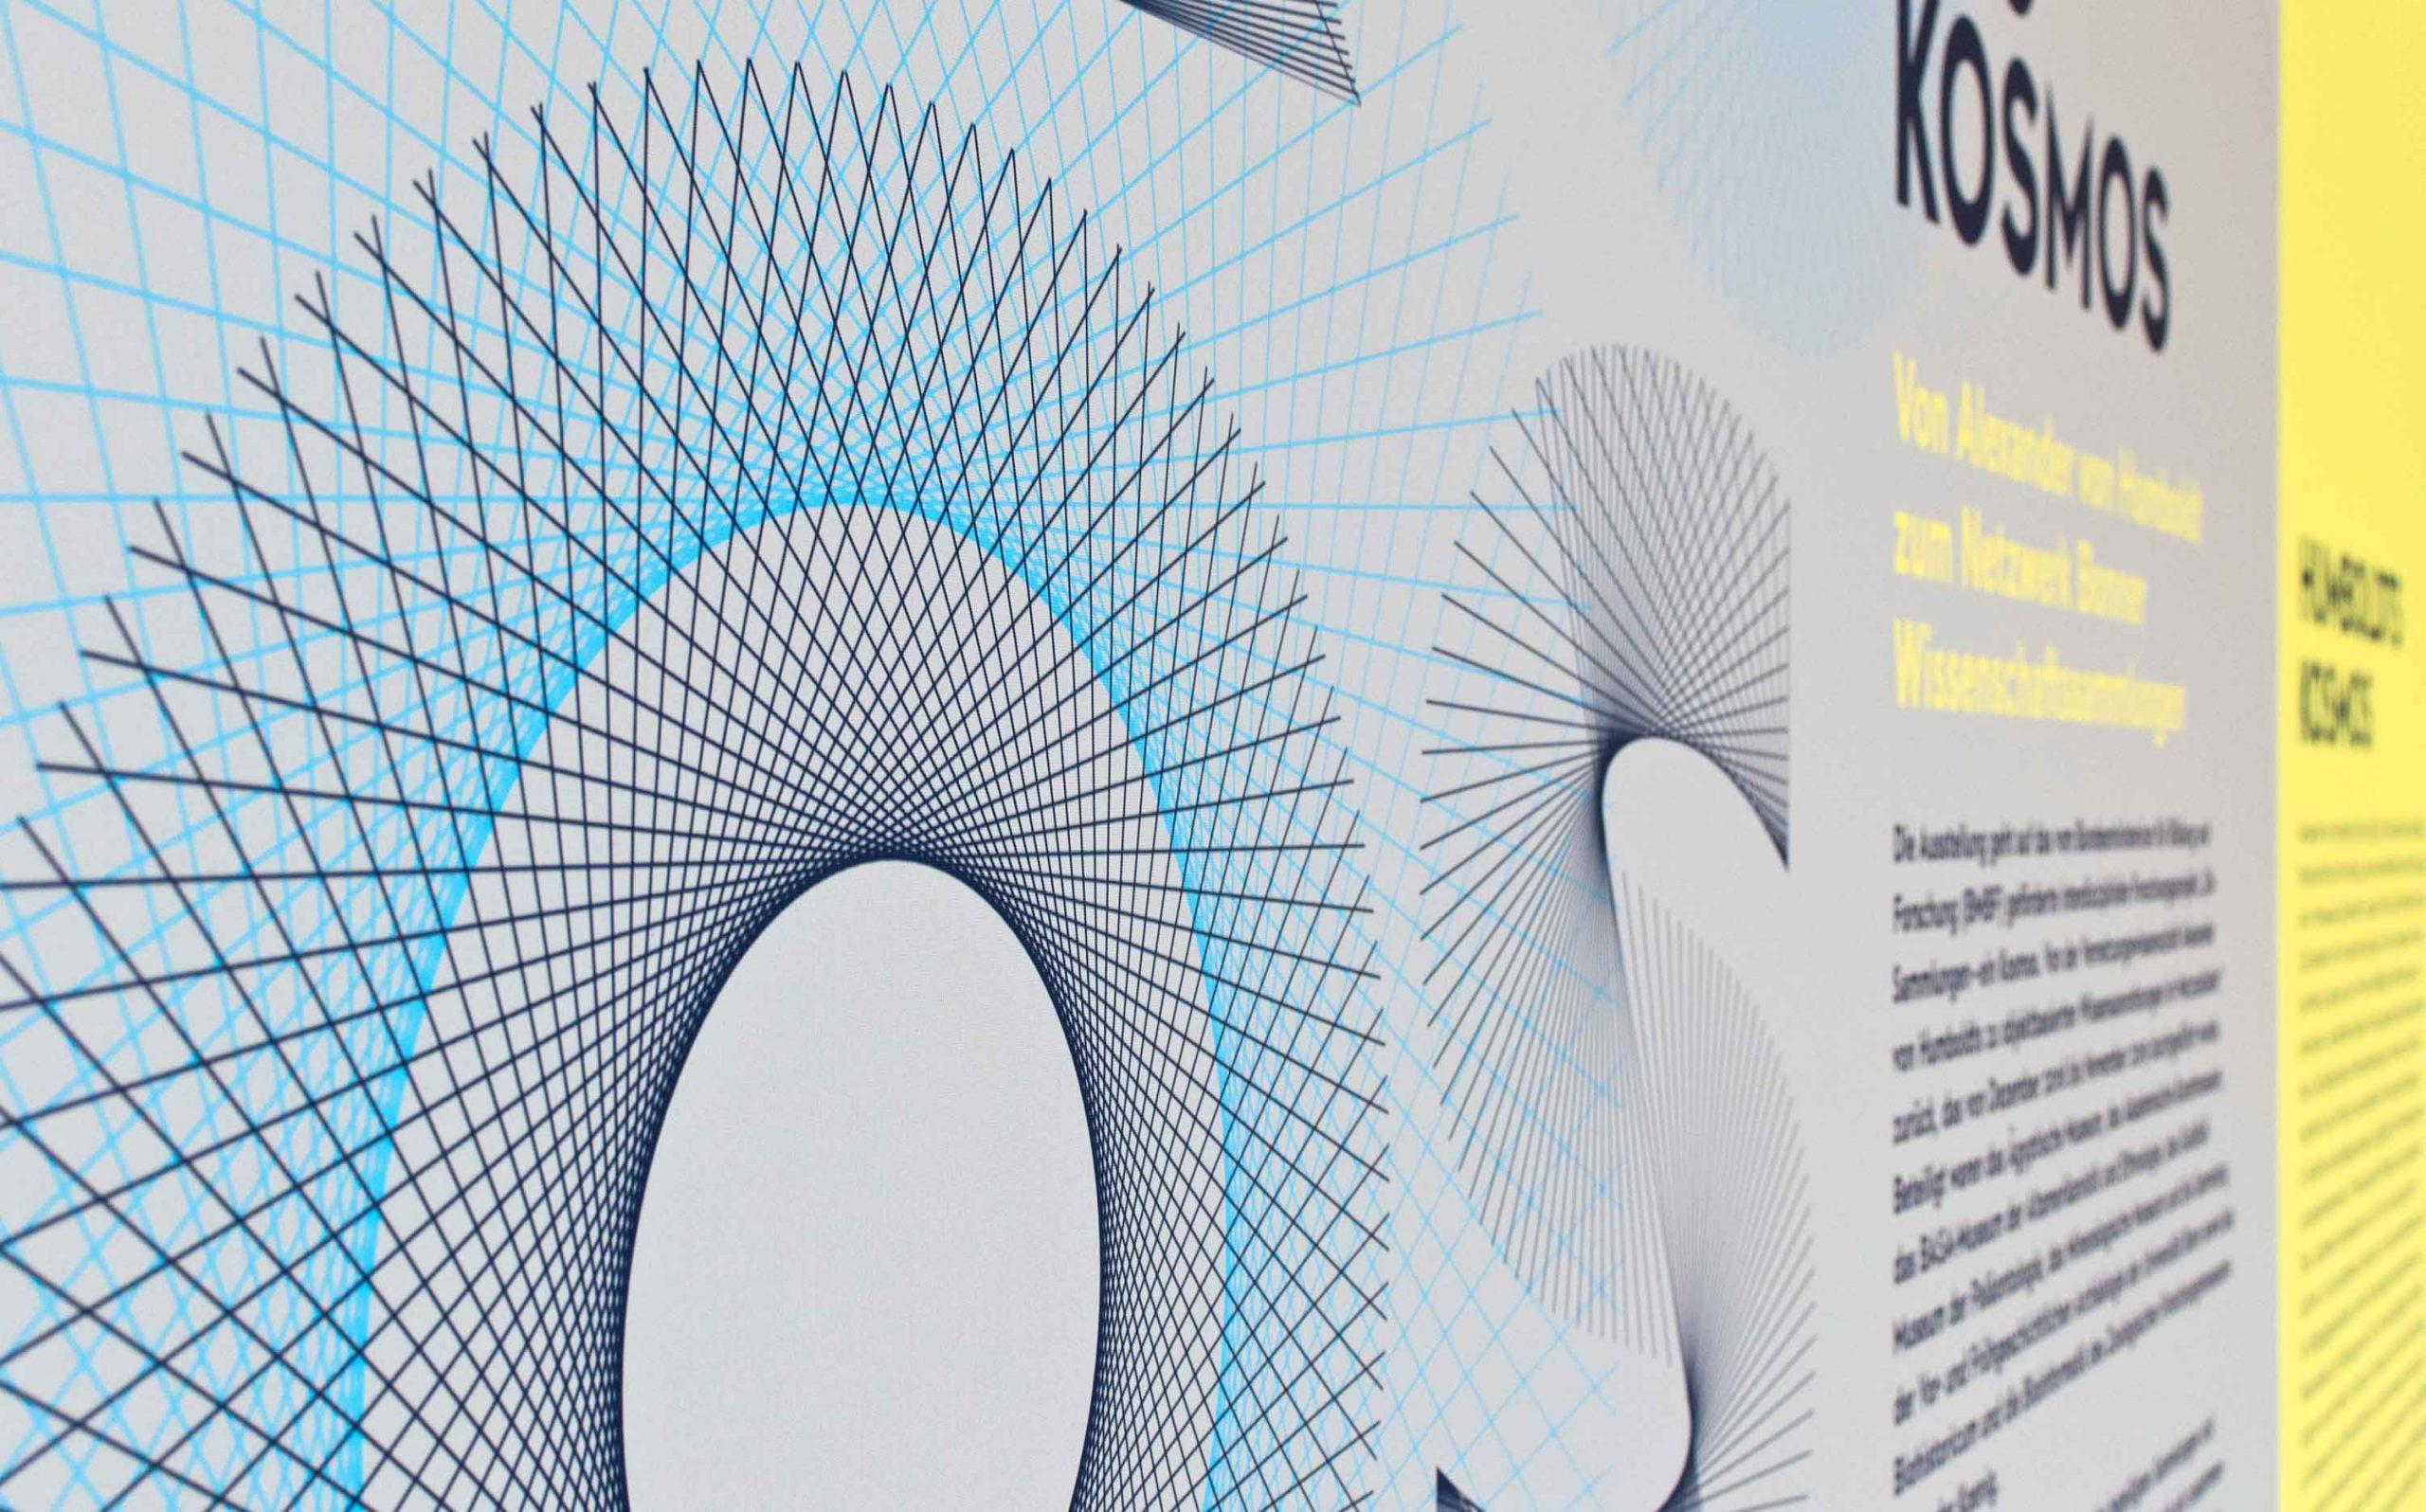 Ausstellungsgestaltung der Sonderausstellung »Objektwelten als Kosmos« im Museum Koenig Bonn   Key Visual in Nahaufnahme   Keywords: Ausstellungsgestaltung, Exhibition Design, Spatial Design, Banner, Typografie, Contemporary Design